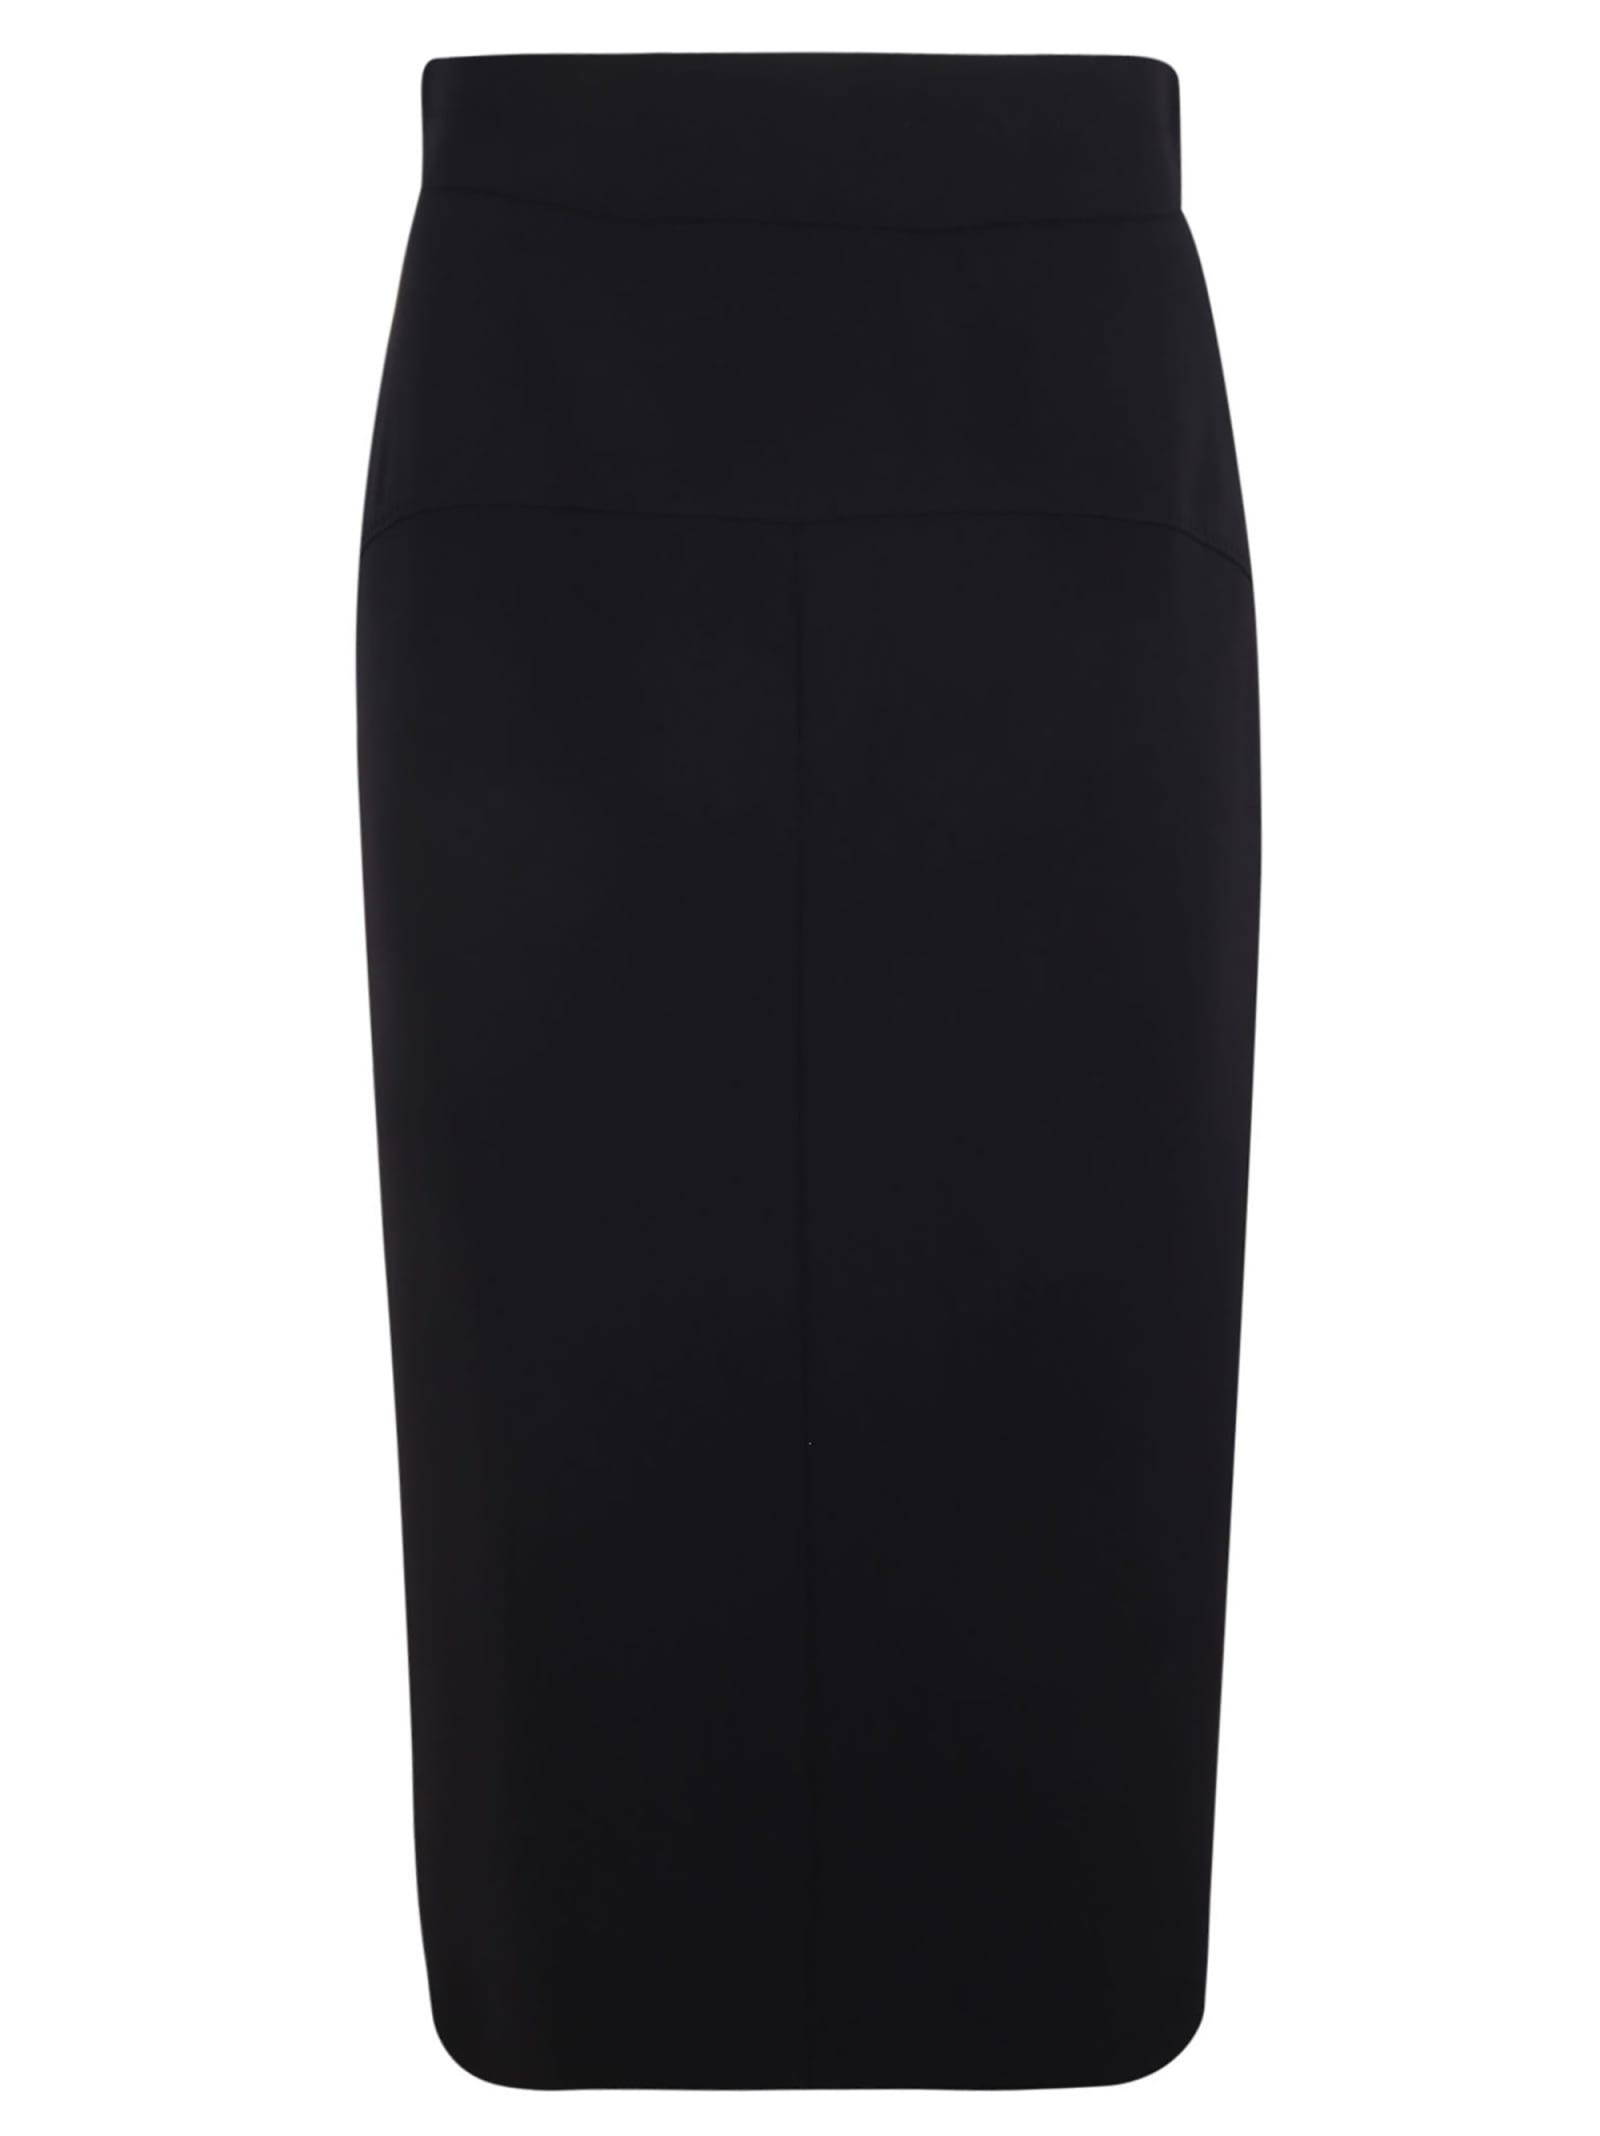 Carso Skirt